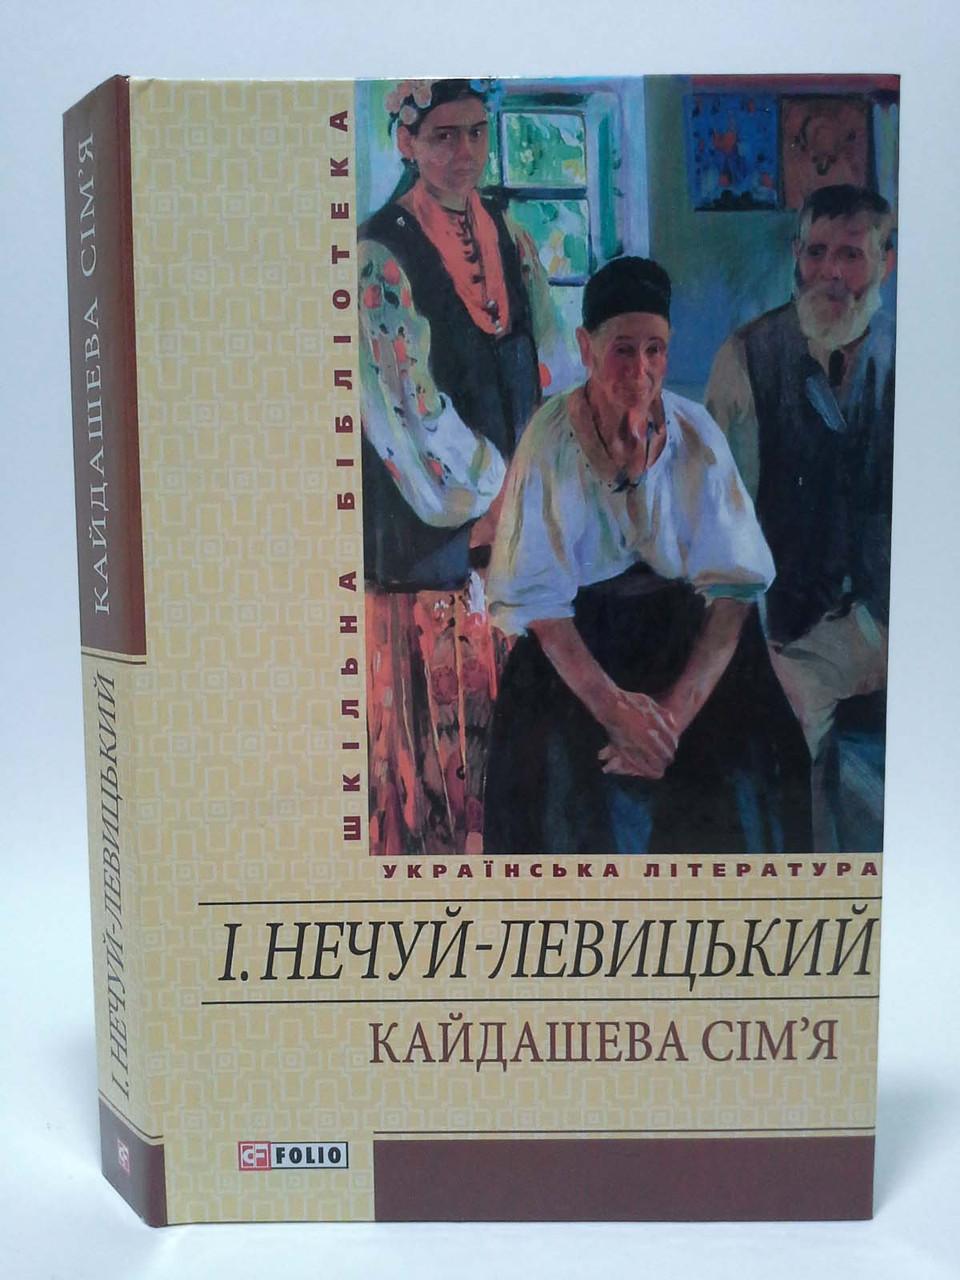 Фоліо ШБ УкрЛіт Нечуй Левицький Кайдашева сімя